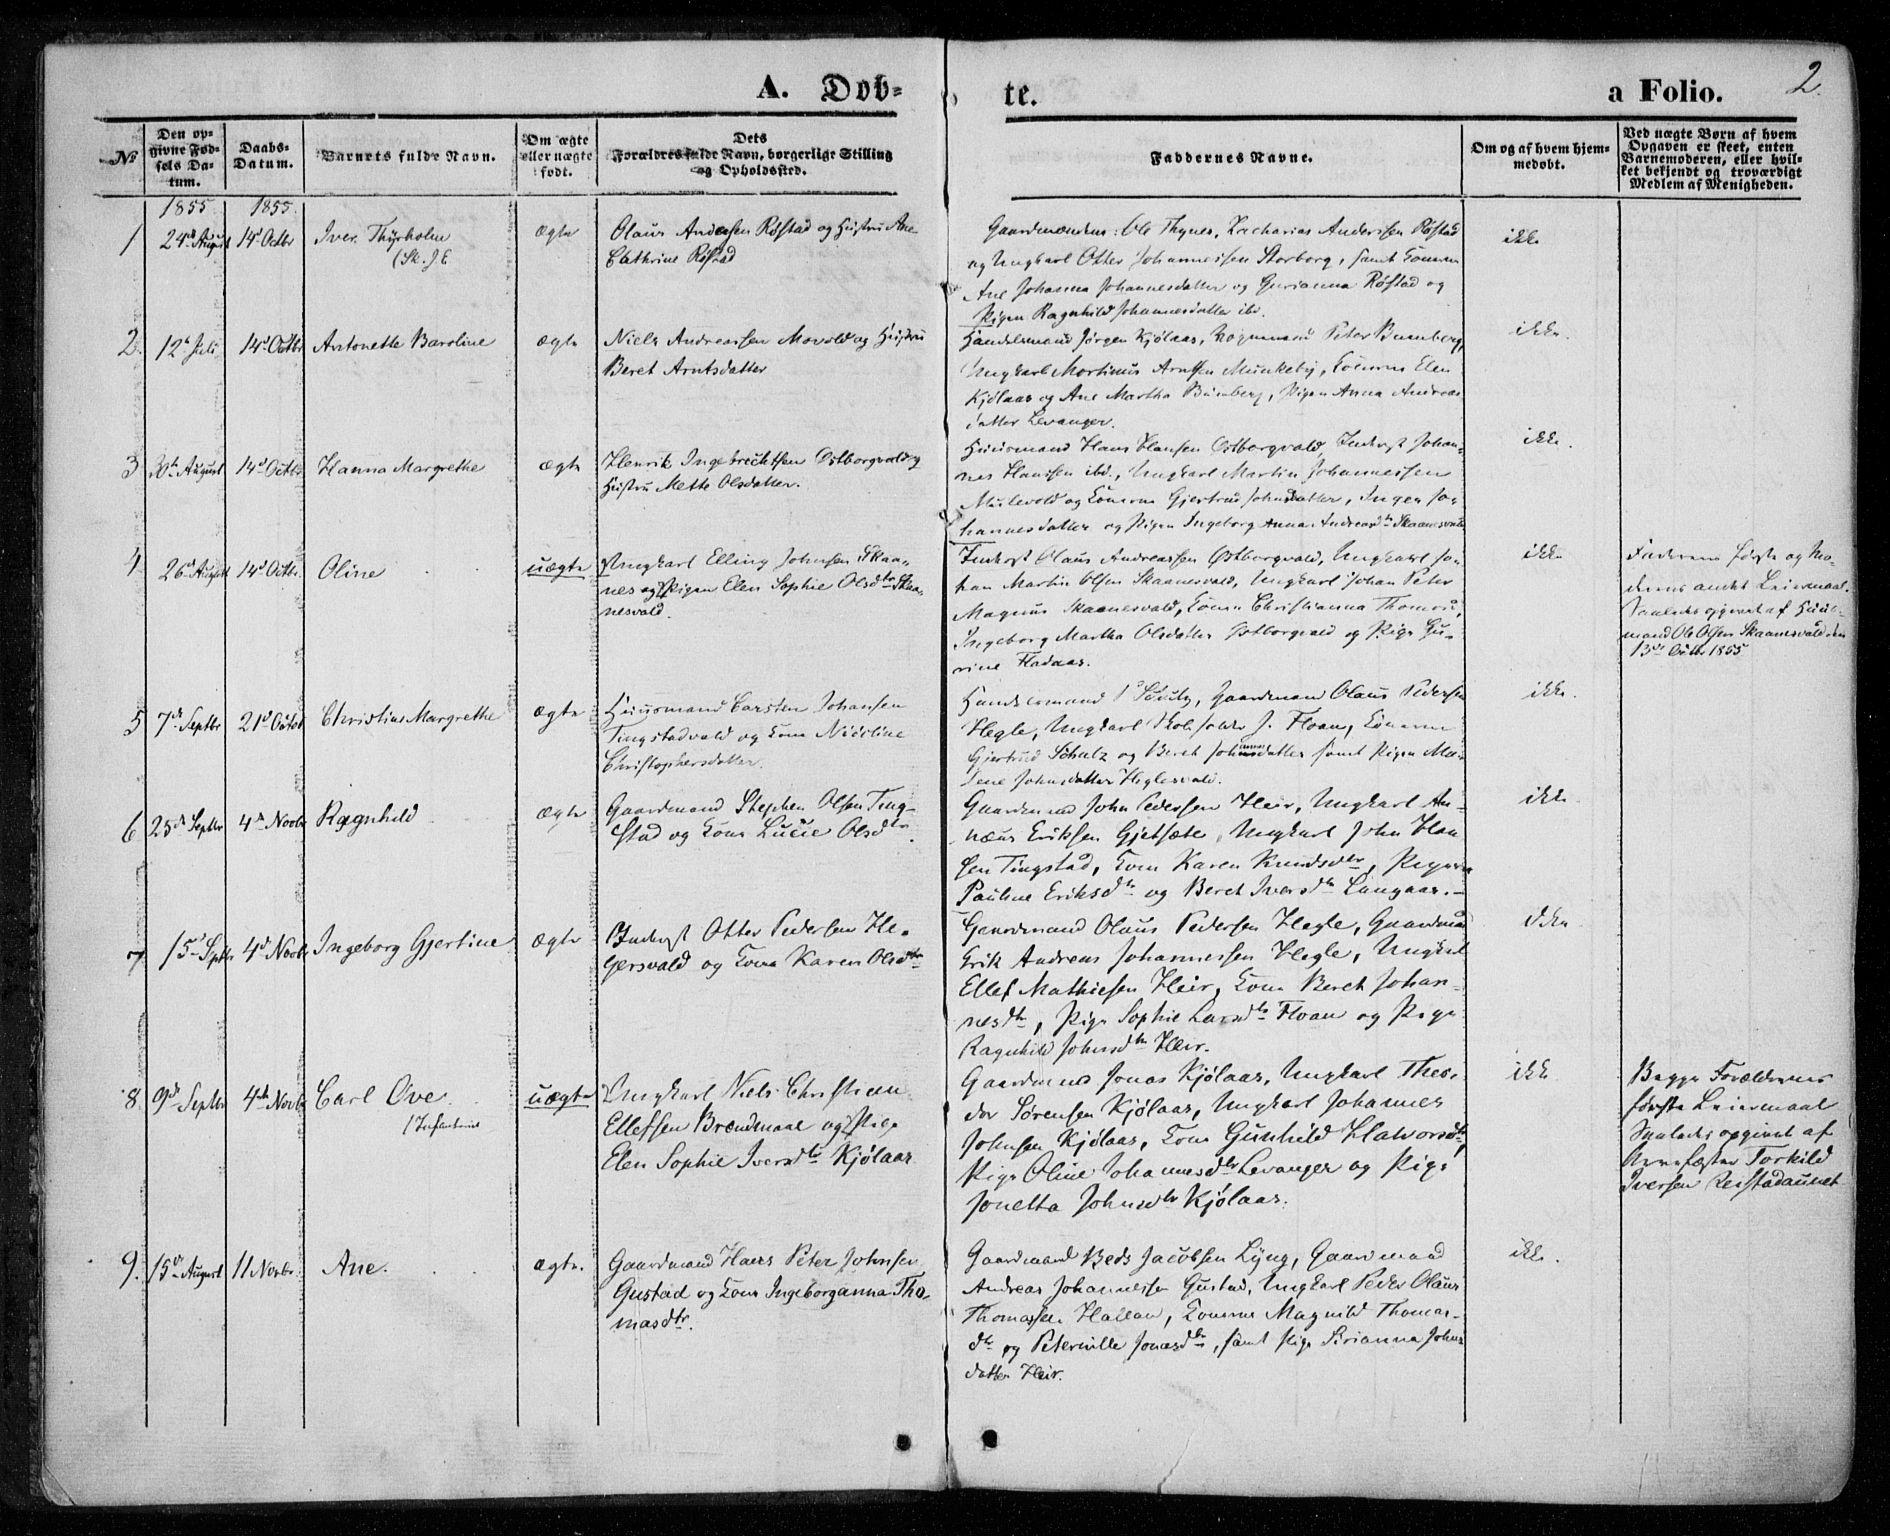 SAT, Ministerialprotokoller, klokkerbøker og fødselsregistre - Nord-Trøndelag, 720/L0184: Ministerialbok nr. 720A02 /2, 1855-1863, s. 2